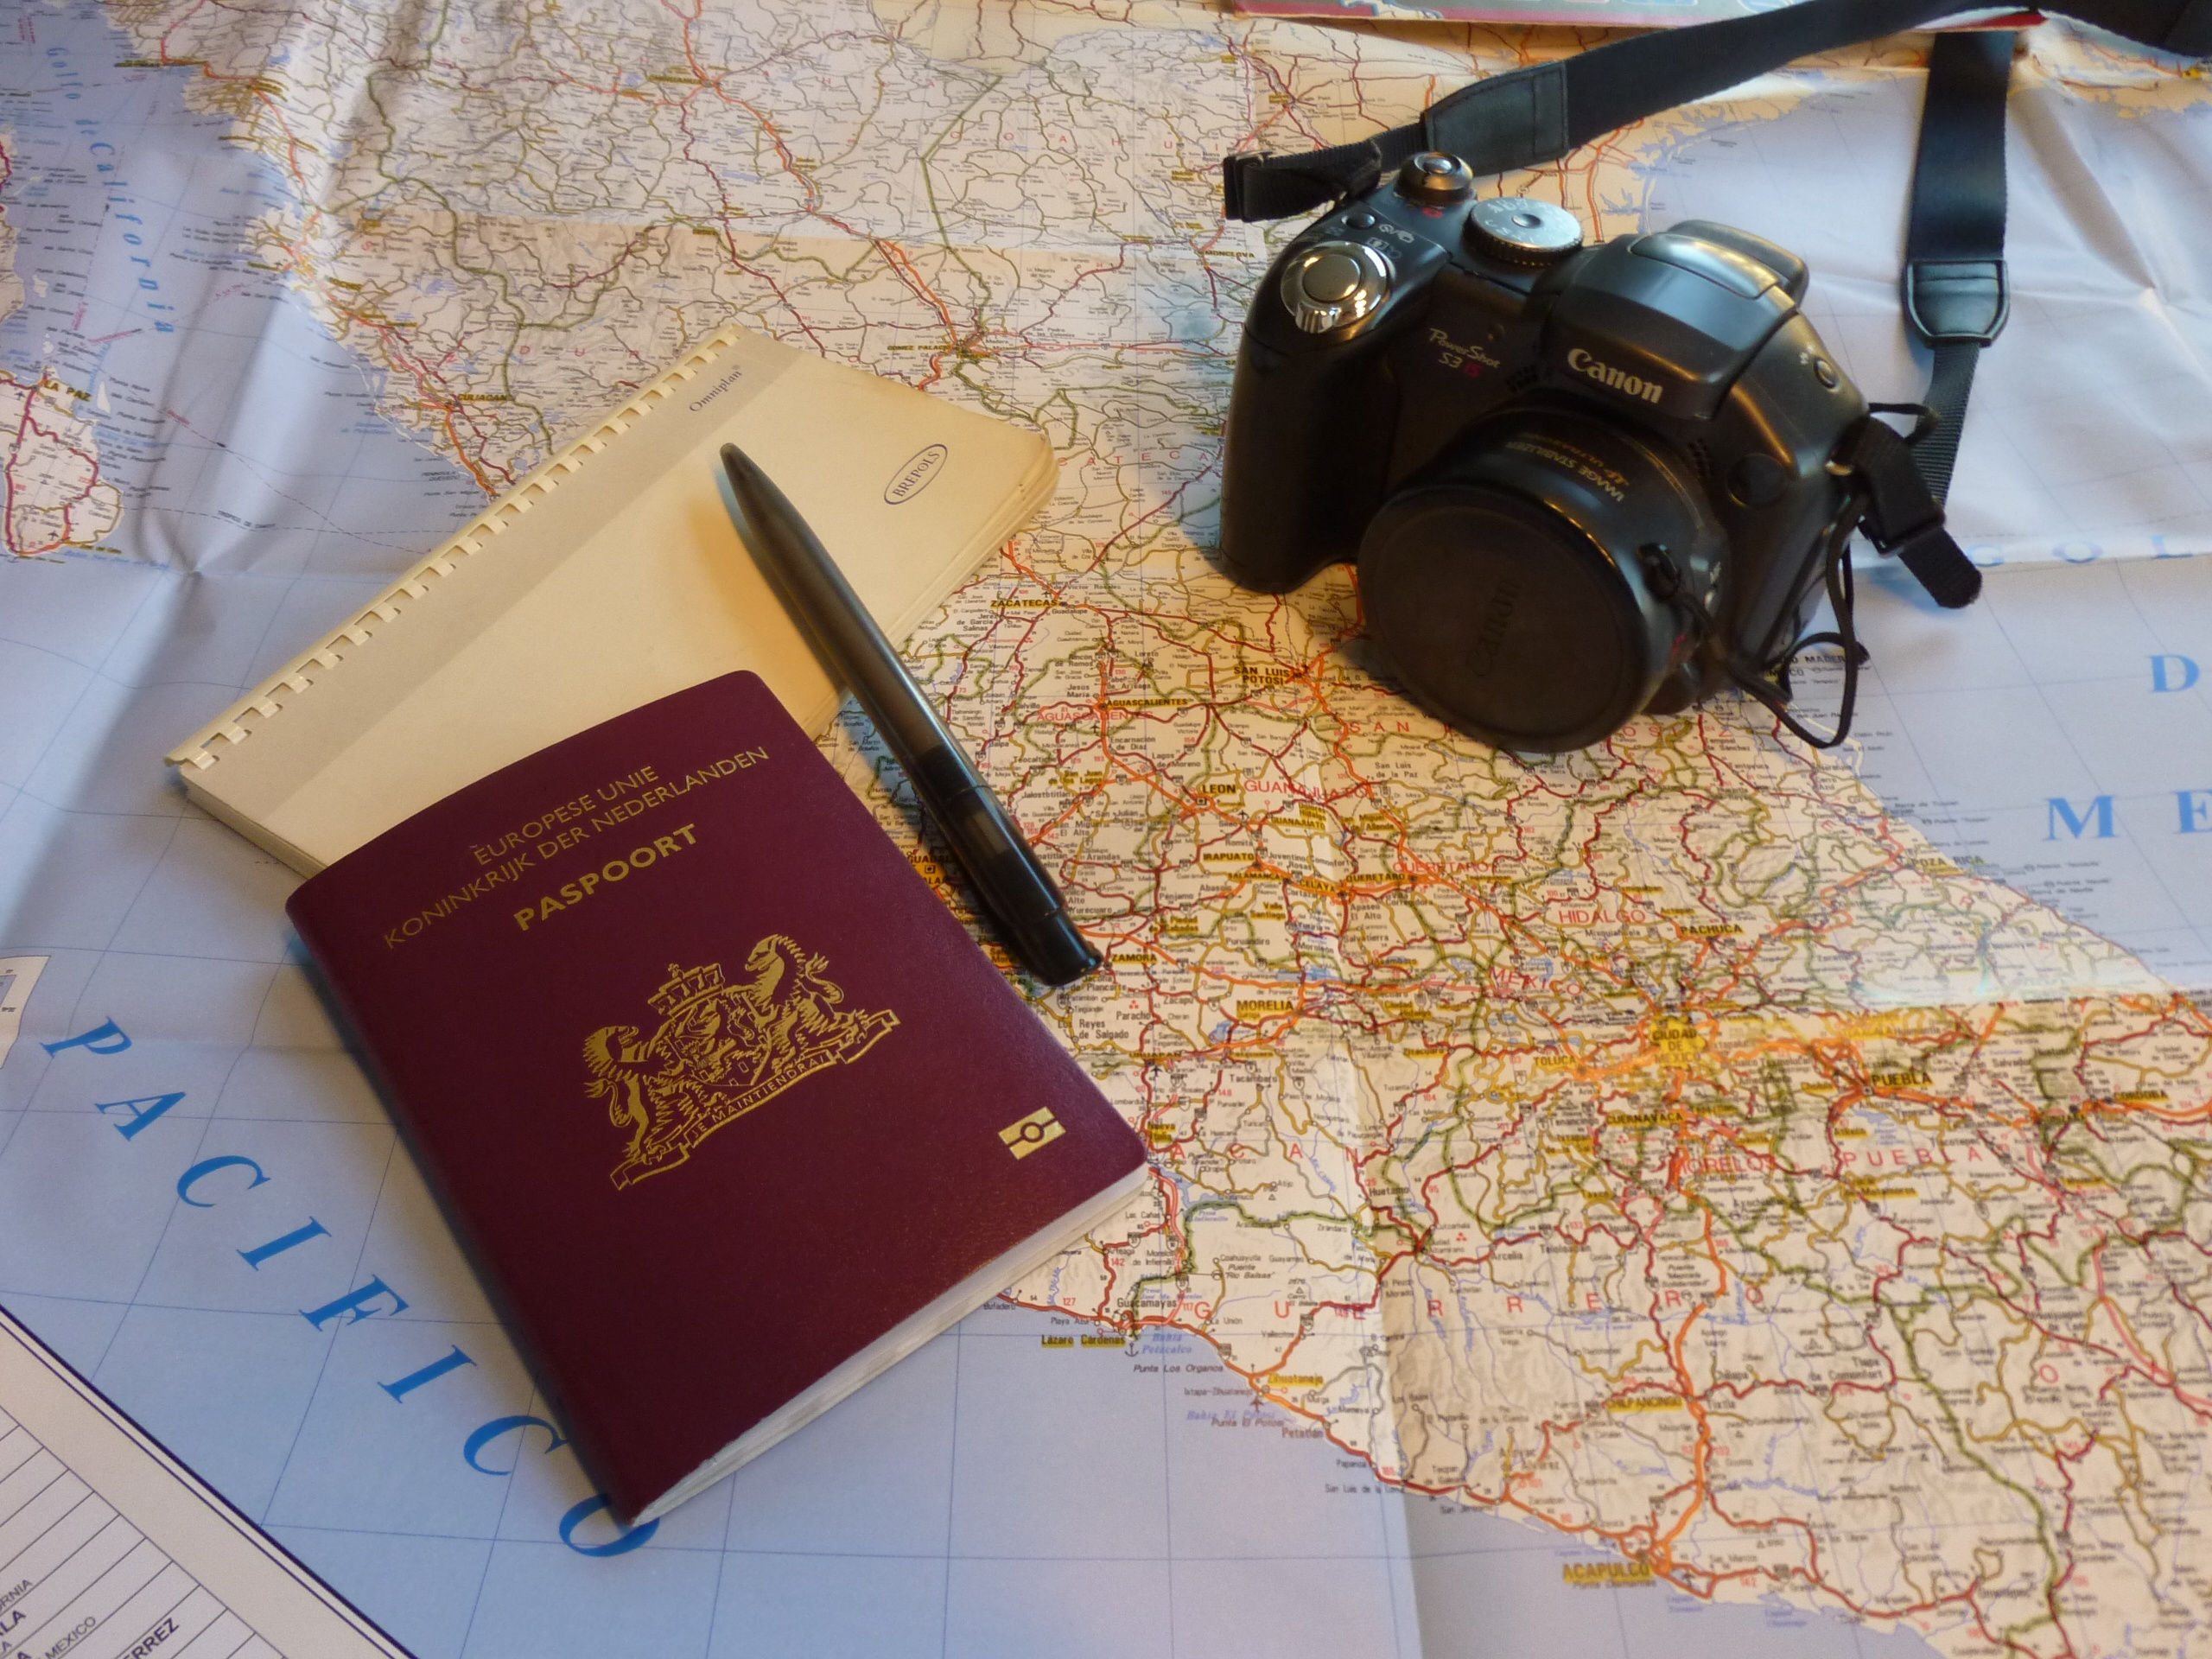 Préparer son voyage en ligne, Etape 2 : Elaborer son itinéraire de voyage